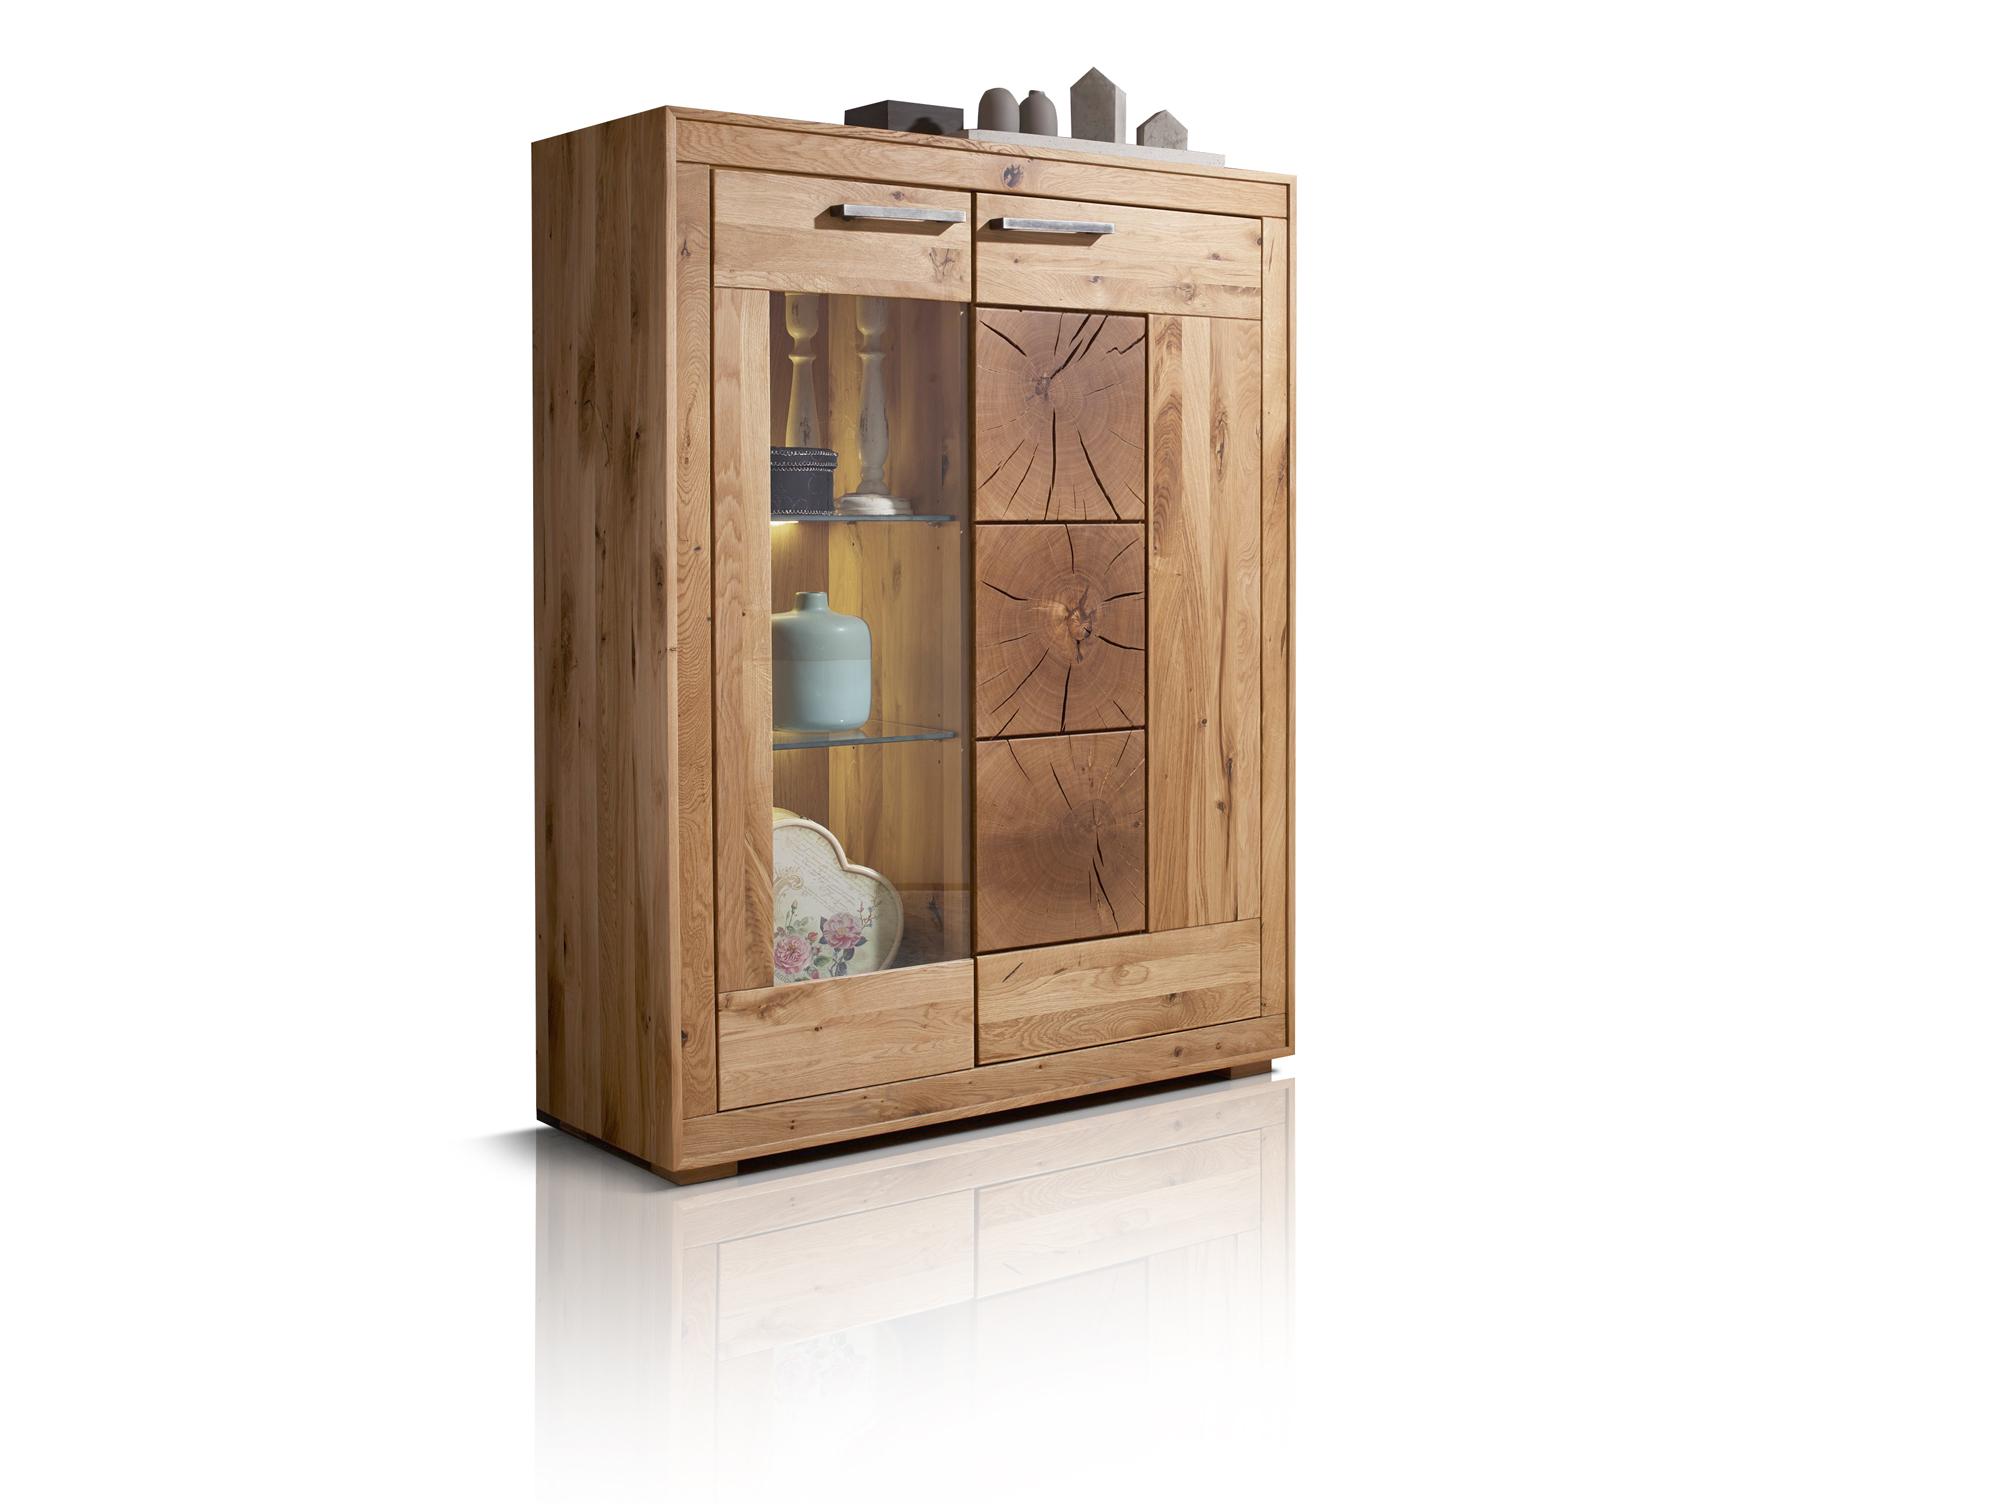 winston i massivholz highboard wildeiche ge lt kommode sideboard wohnzimmer ebay. Black Bedroom Furniture Sets. Home Design Ideas